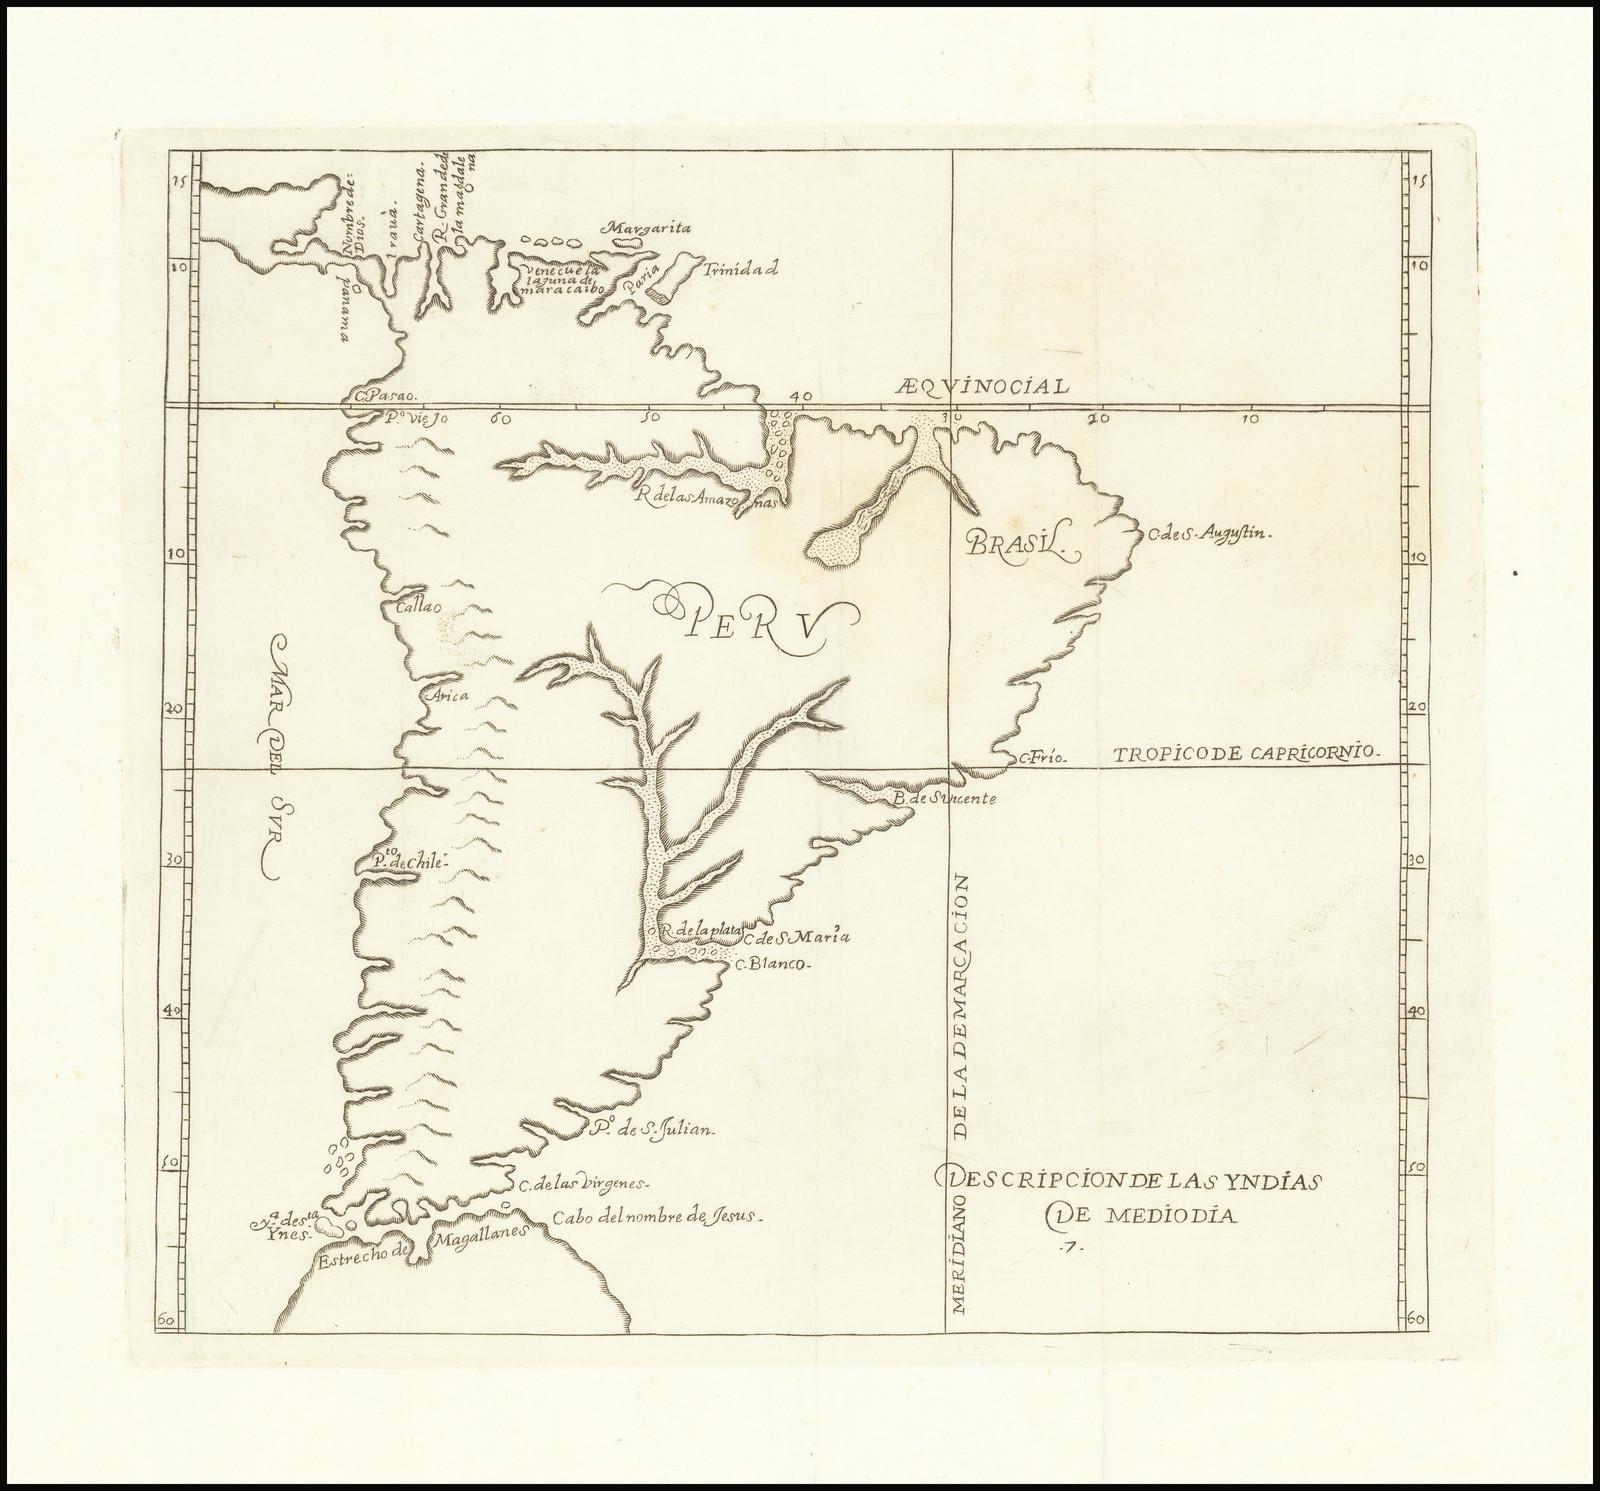 Второе издание карты Южной Америки Эрреры, впервые опубликованной в Мадриде в 1601 году